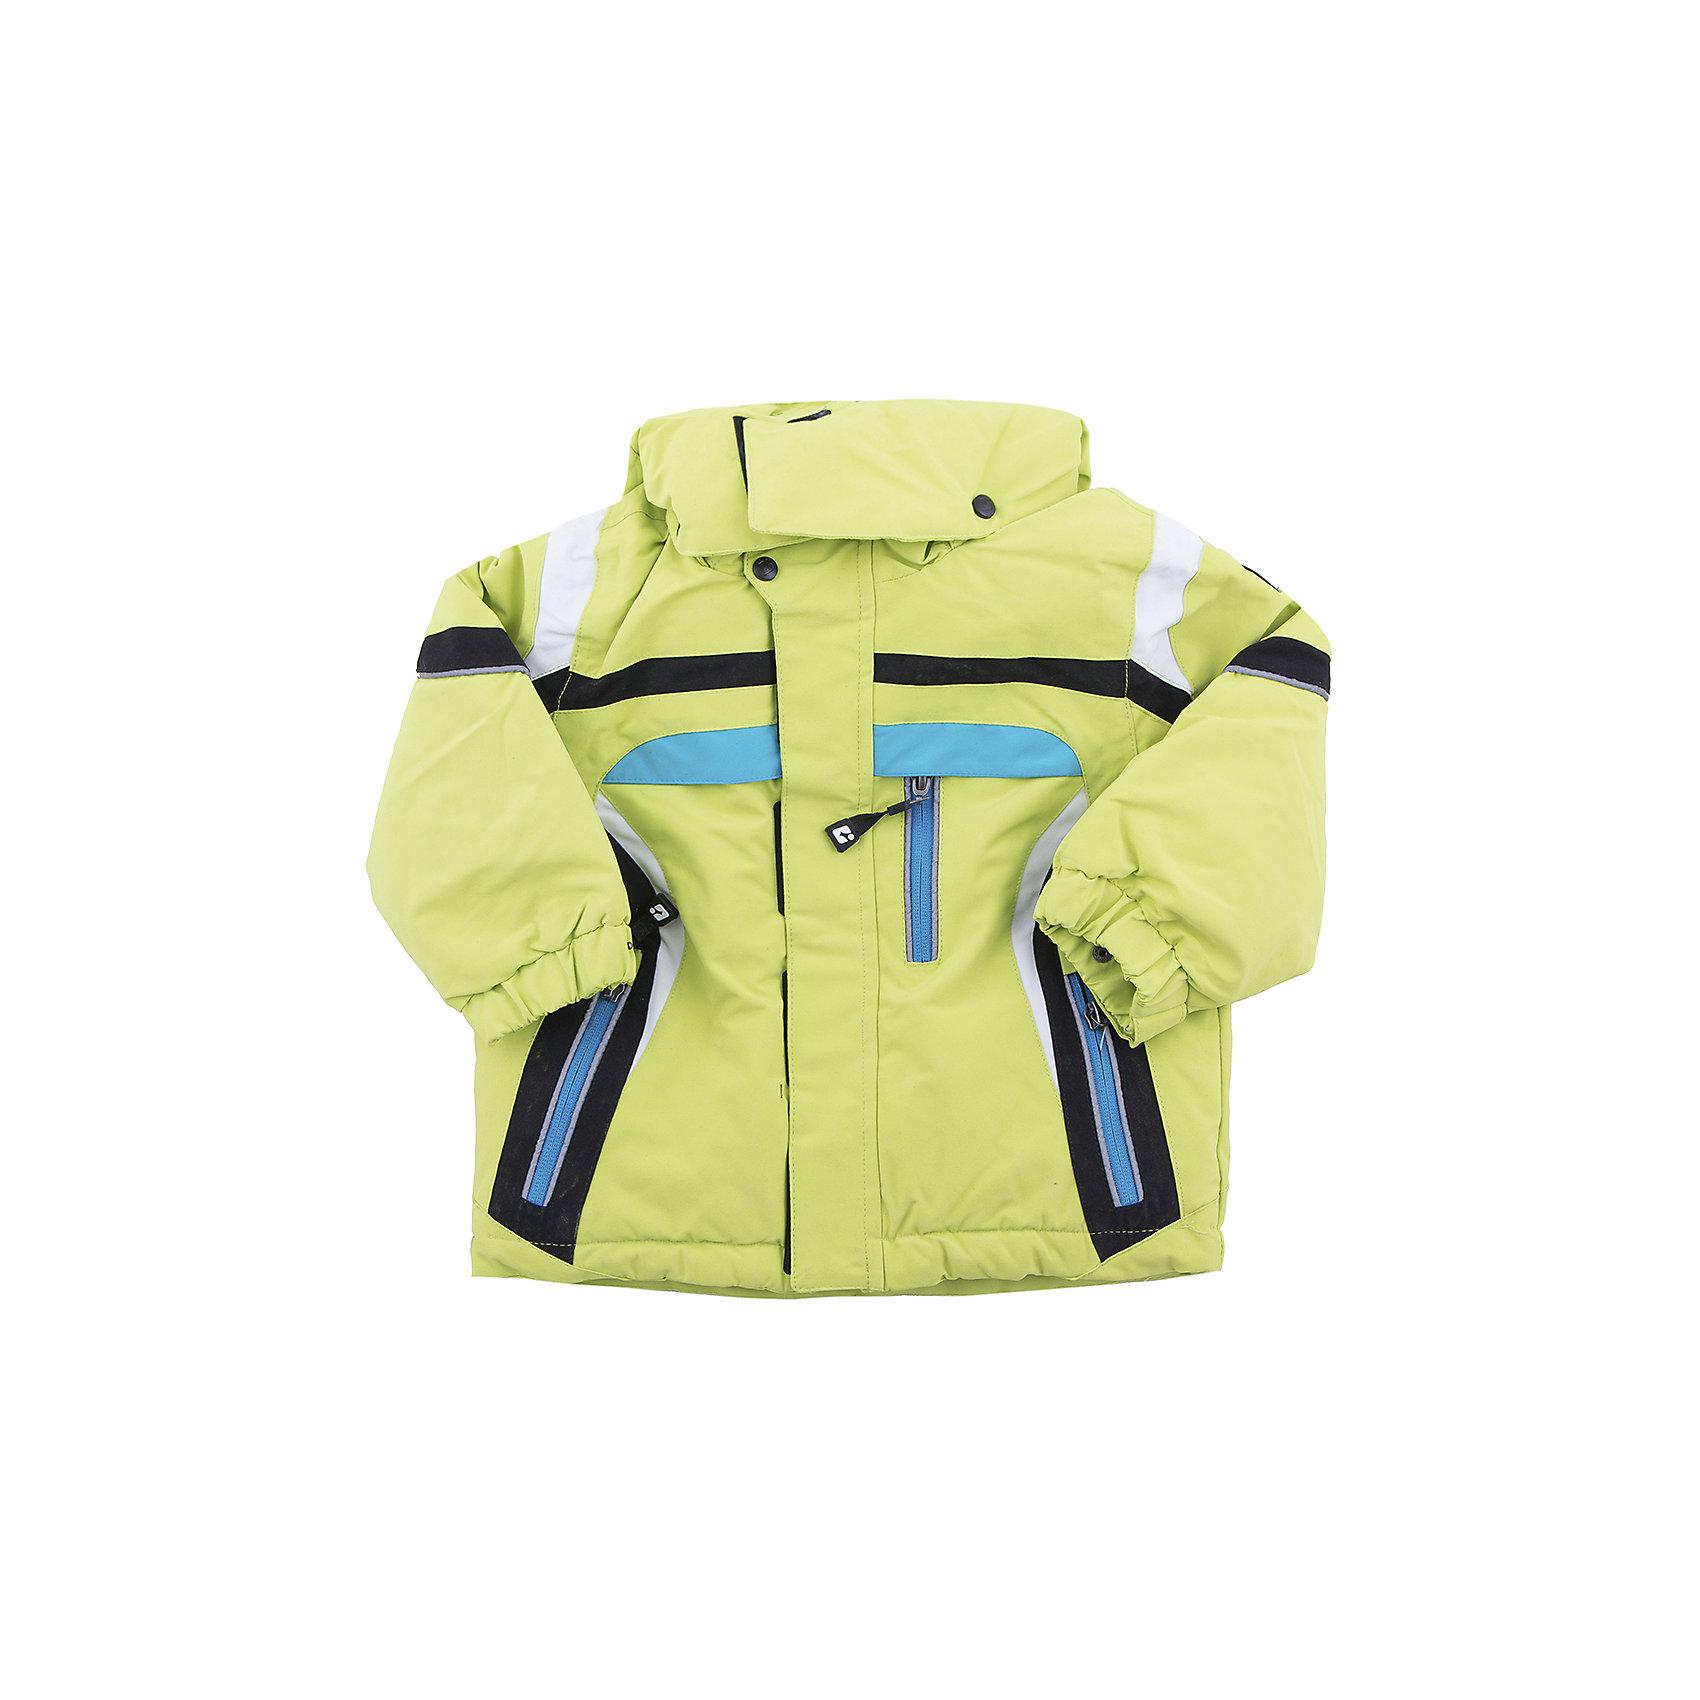 Куртка KilltecКуртка от известного немецкого бренда Killtec <br><br>Стильная спортивная куртка идеально подойдет для спорта и активного отдыха в холодное время года. Все её детали тщательно проработаны, швы отличаются превосходным качеством. Куртка оснащена множеством элементов, которые помогут наслаждаться зимней погодой с потрясающим комфортом.<br><br>Особенности модели:<br><br>- материал - плотный;<br>- цвет - салатовый;<br>- застежка - молния, клапан на кнопках;<br>- капюшон отстегивается;<br>- карманы на молниях;<br>- внутренняя юбочка для защиты от снега;<br>- воздухопроницаемость - 3000 г/м2/24 ч;<br>- водонепроницаемость - 3000 мм;<br>- защита от ветра  - максимальная;<br>- светоотражающие элементы;<br>- в рукавах - резинки.<br><br>Дополнительная информация:<br><br>Состав: <br><br>верх - 100% полиэстер;<br>наполнитель - 100% полиэстер;<br>подкладка - 100% полиэстер.<br><br><br>Температурный режим:<br><br>от - 15°С до 0°С<br><br>Куртку от известного немецкого бренда Killtec (Килтек) можно купить в нашем магазине.<br><br>Ширина мм: 356<br>Глубина мм: 10<br>Высота мм: 245<br>Вес г: 519<br>Цвет: разноцветный<br>Возраст от месяцев: 12<br>Возраст до месяцев: 15<br>Пол: Унисекс<br>Возраст: Детский<br>Размер: 80<br>SKU: 4242064